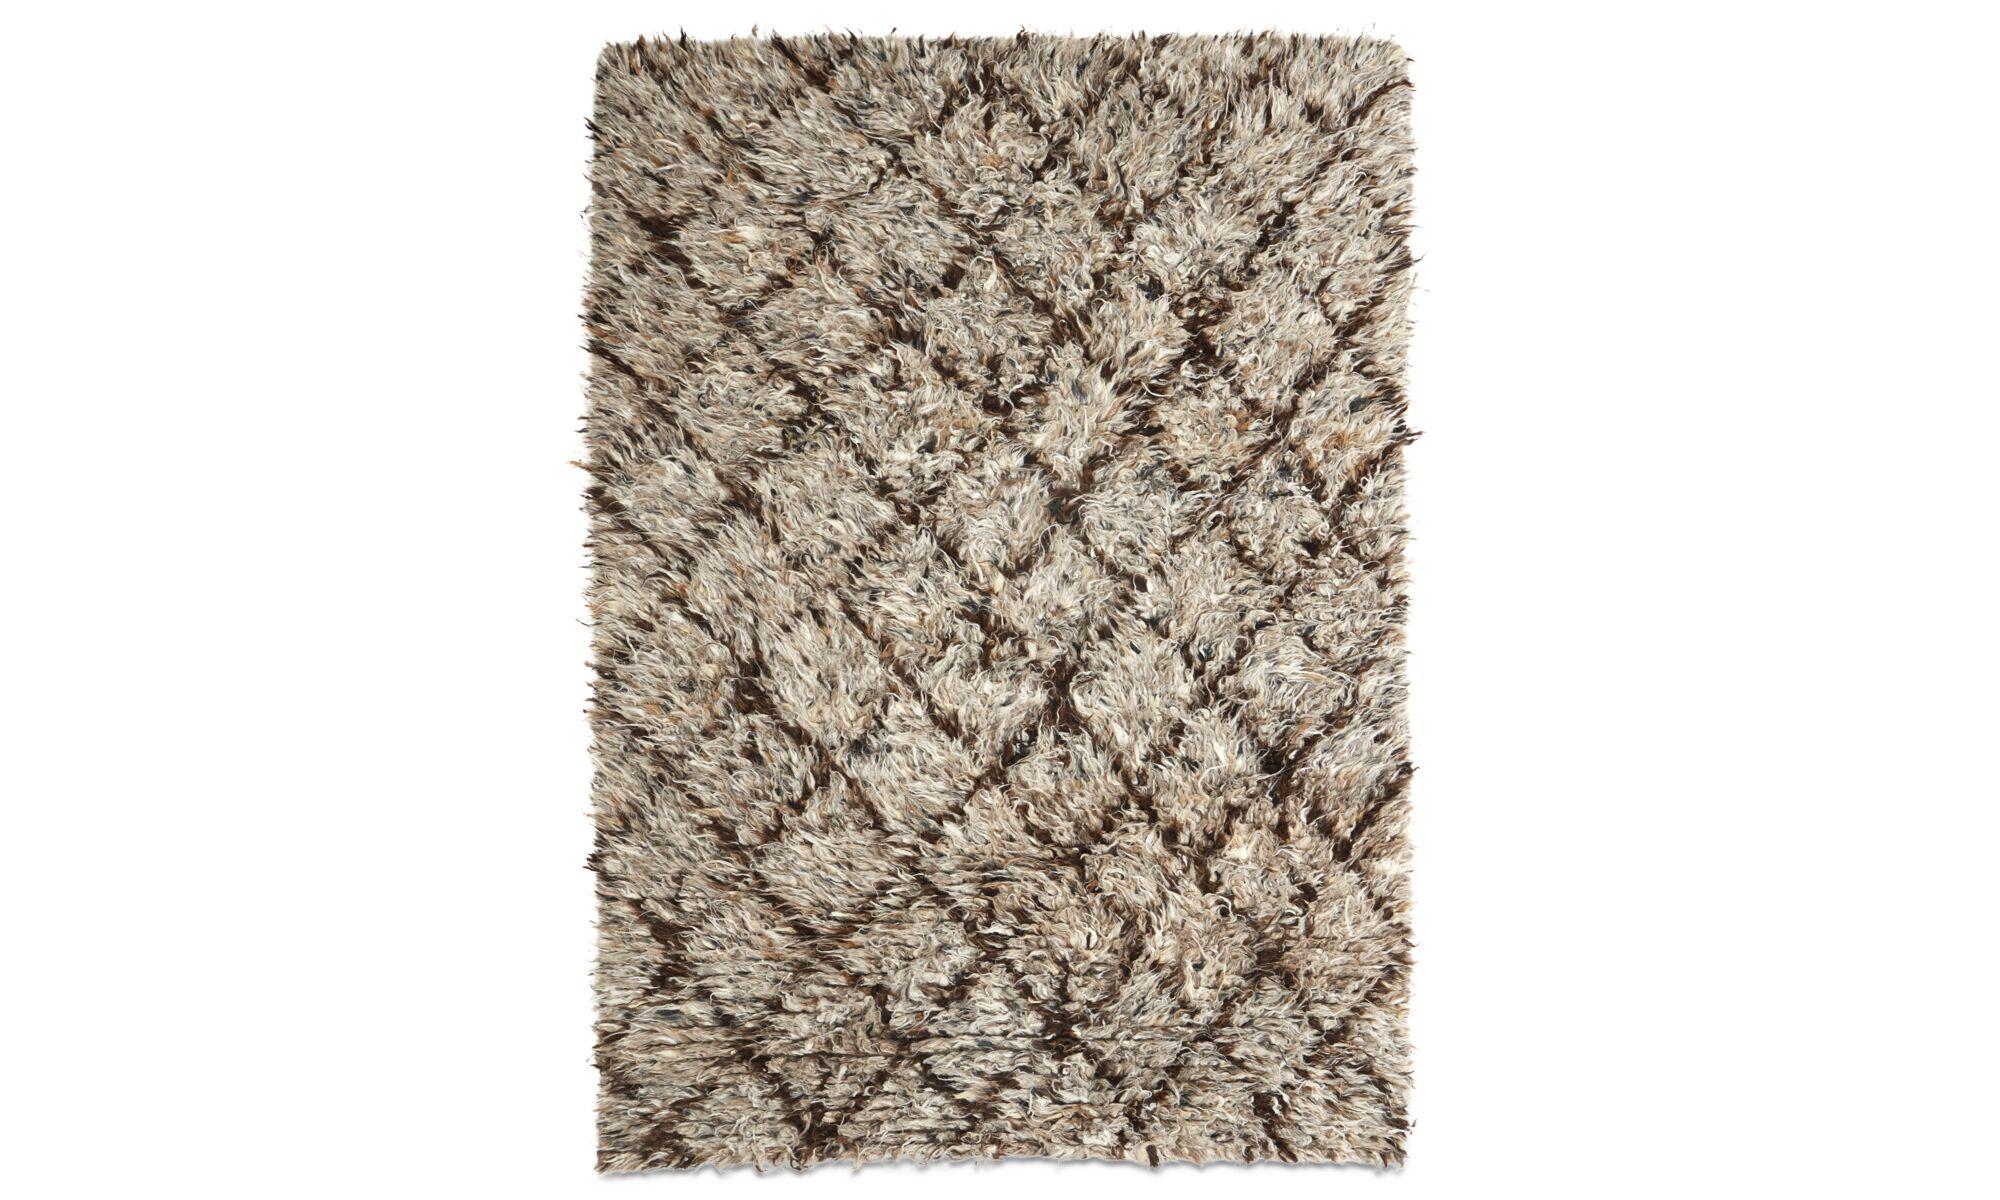 Teppiche - Retrospective Teppich - rechteckig - Braun - Wolle